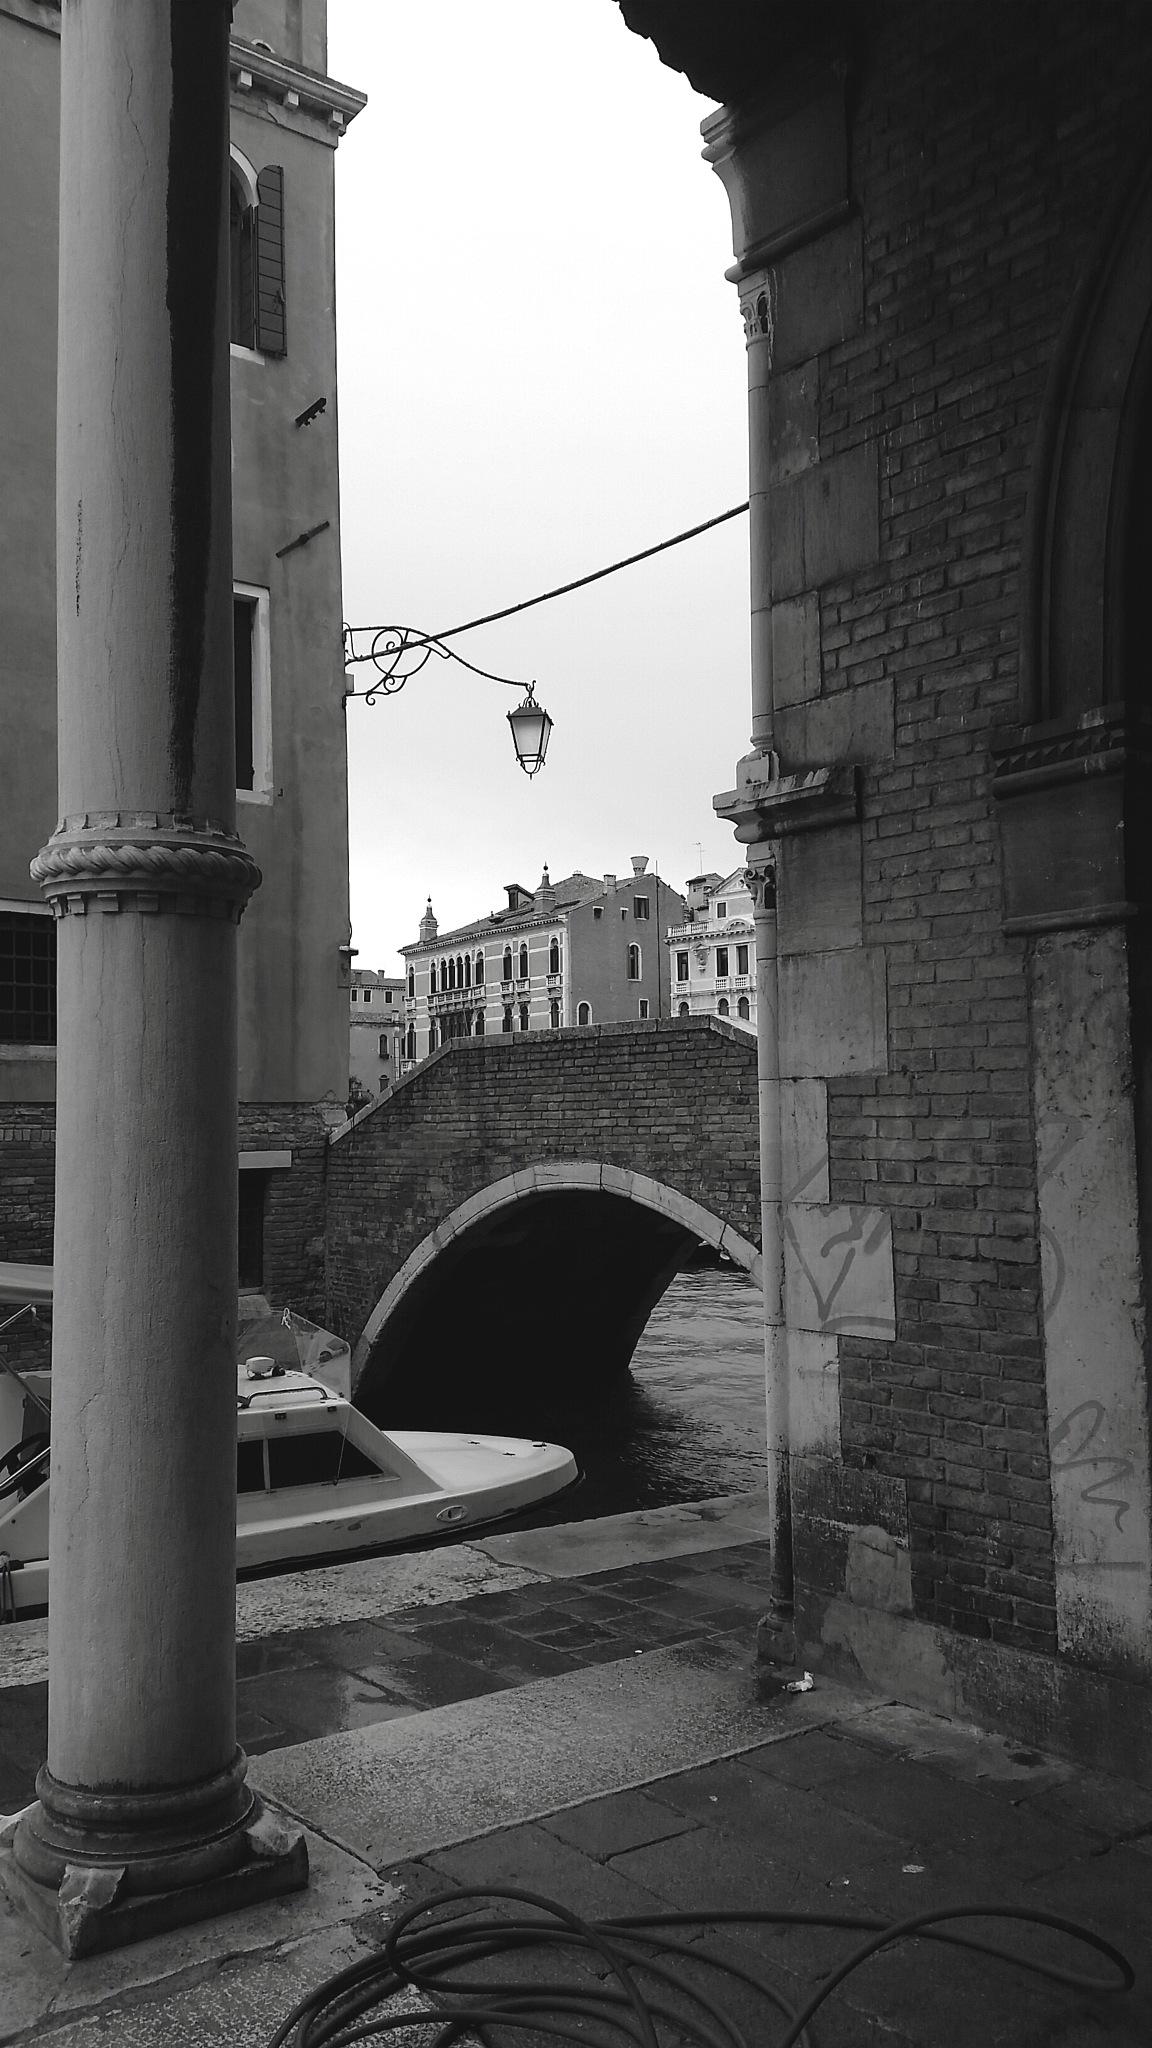 The bridge by danilo.audinino